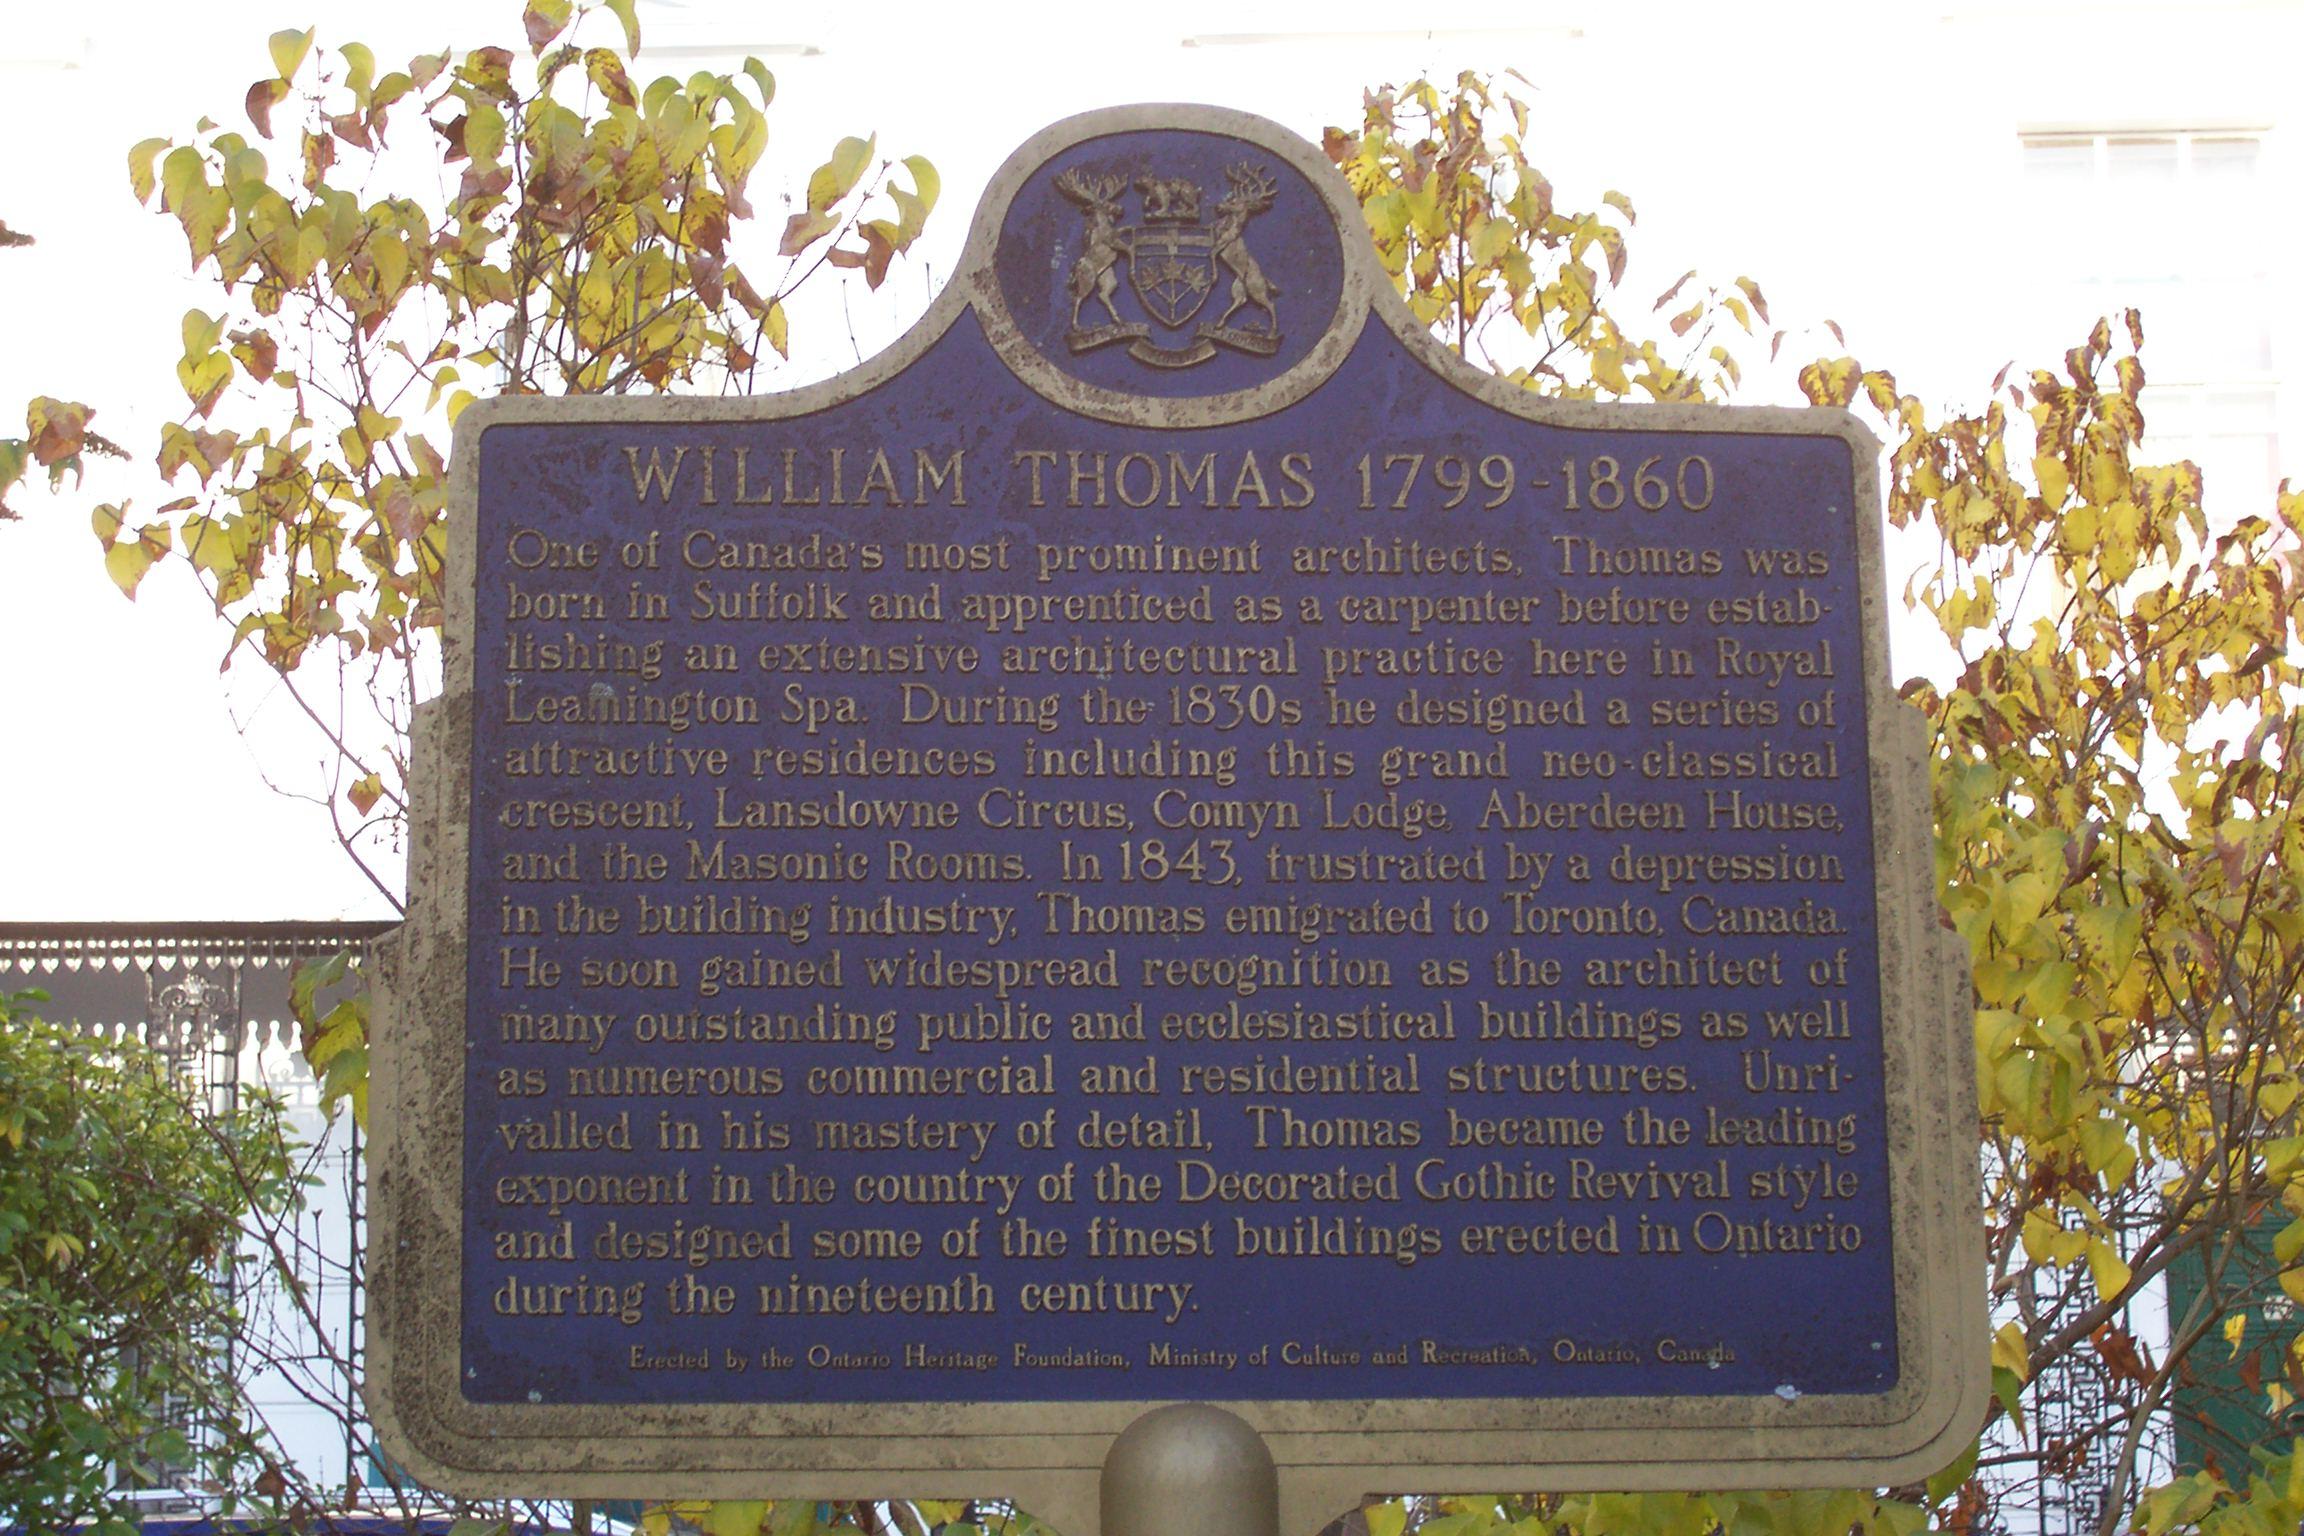 William Thomas plaque